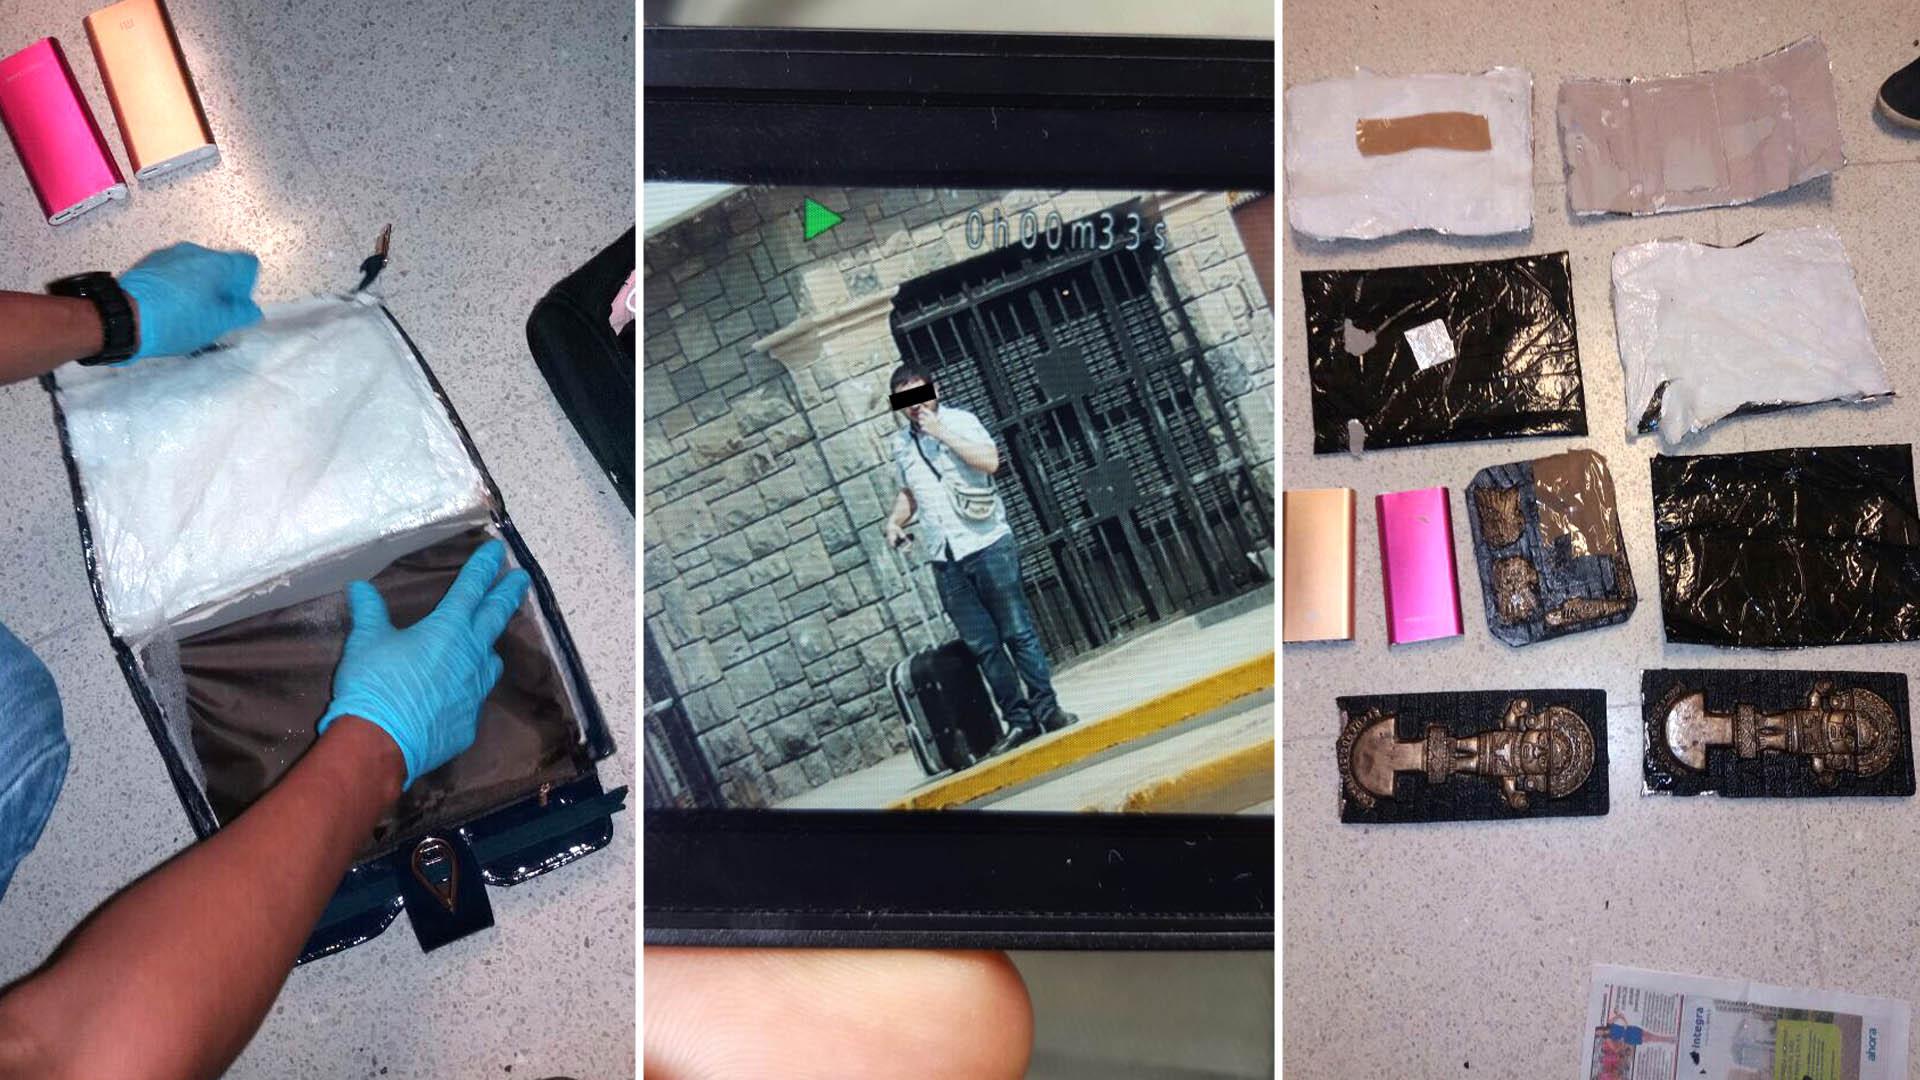 La cocaína que le encontró la Policía panameña: 2,47 kilos